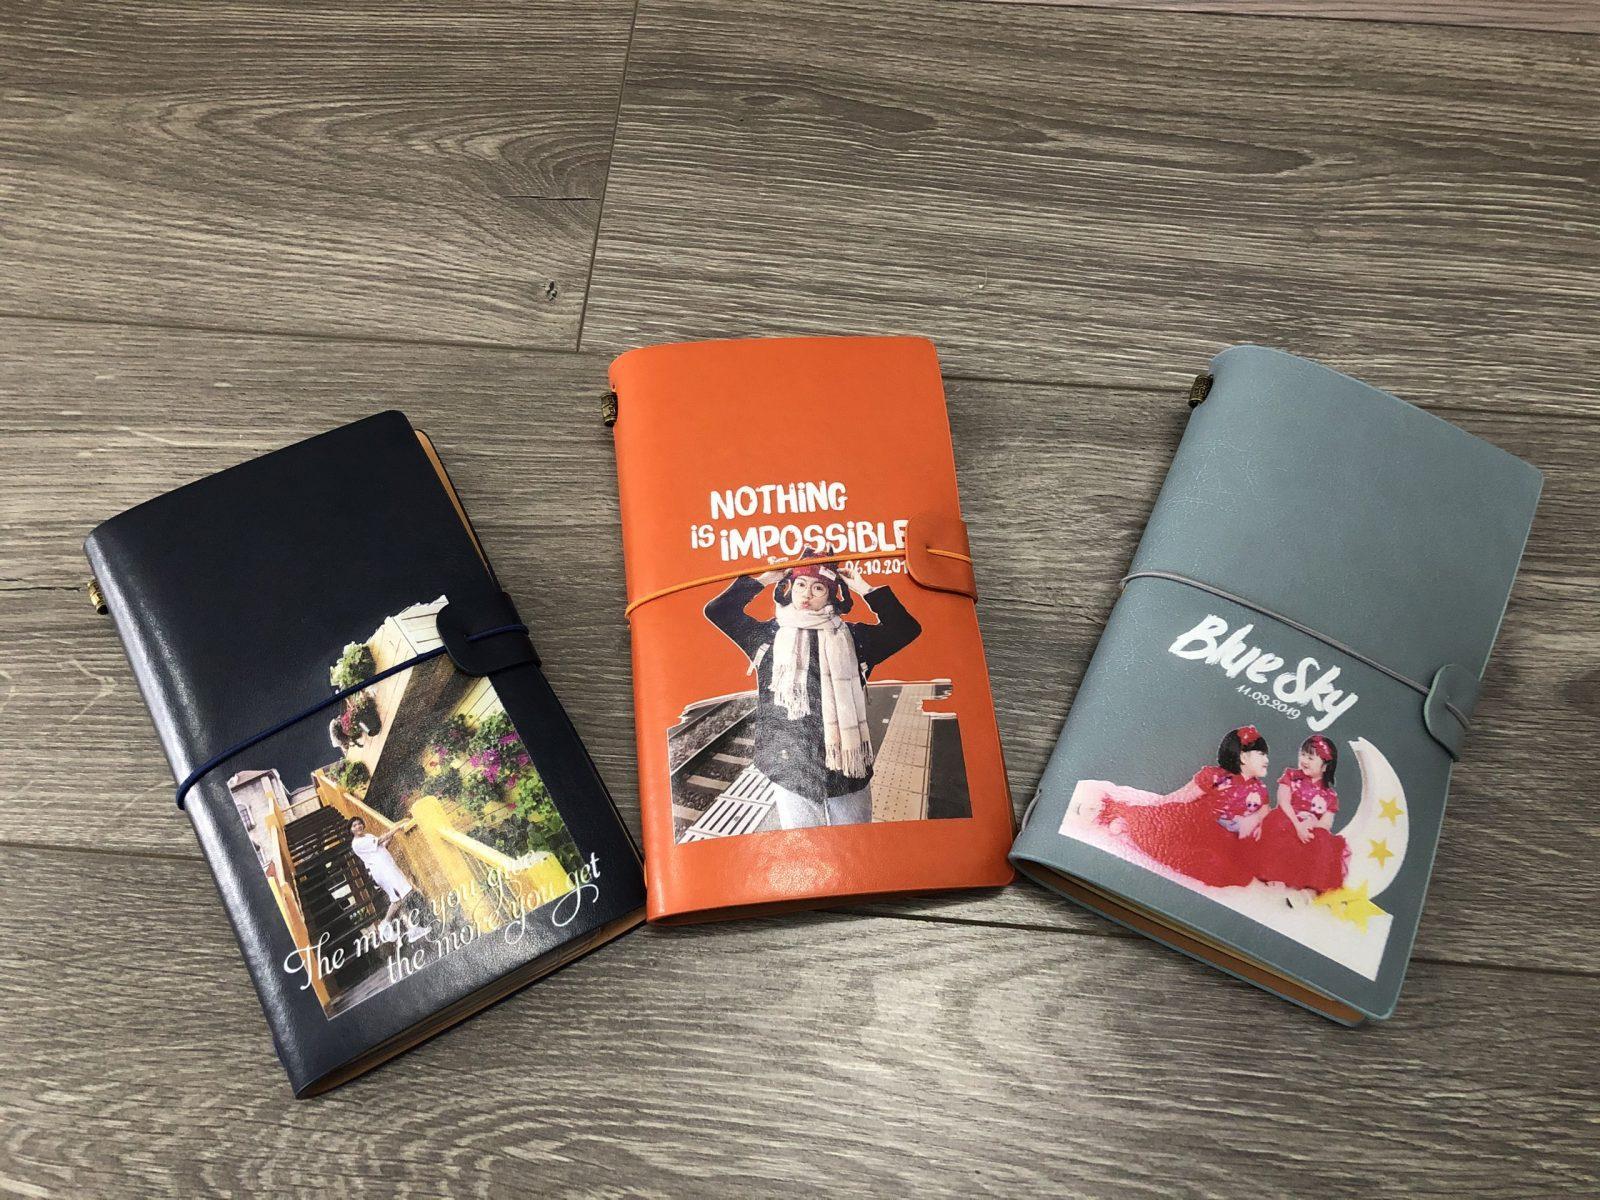 Chất lượng, màu sắc hình ảnh in trên bìa sổ Midori